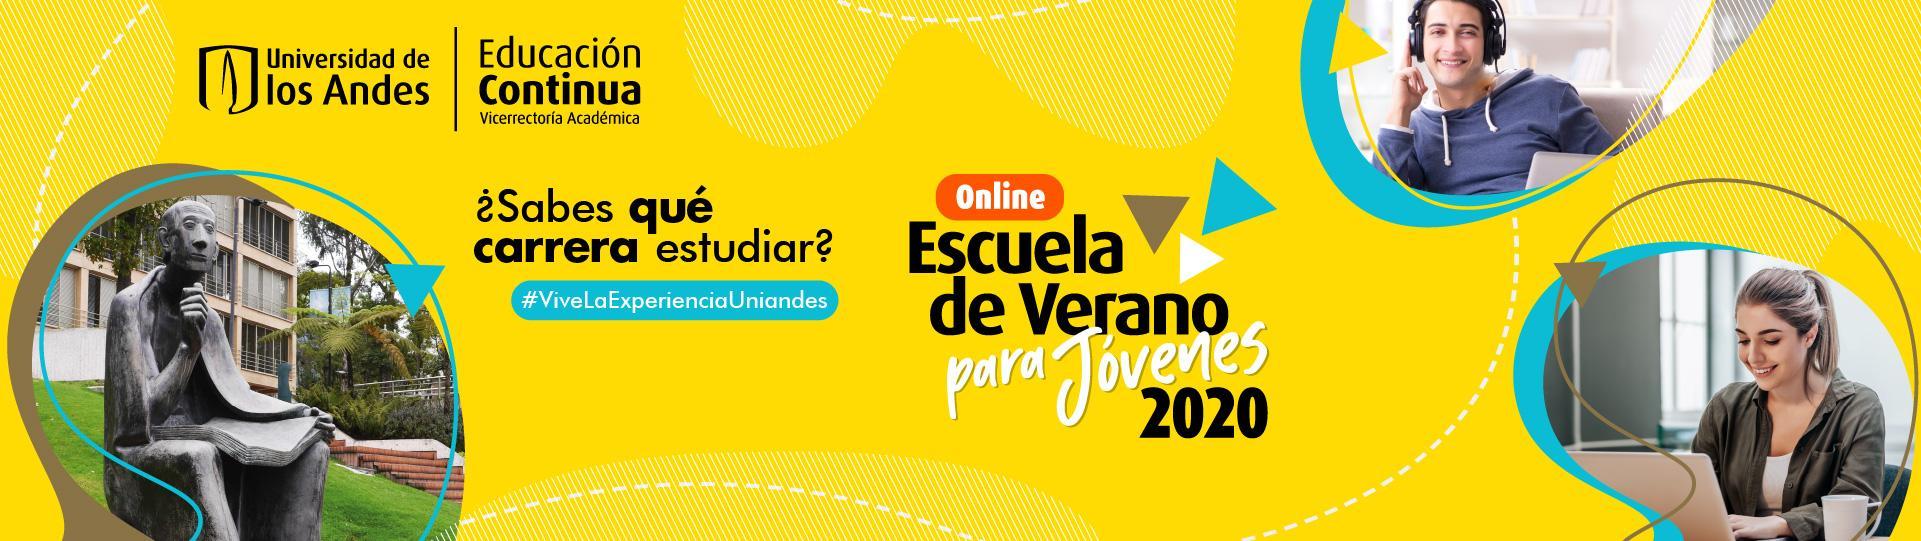 Escuela de Verano para jóvenes 2020 | Uniandes